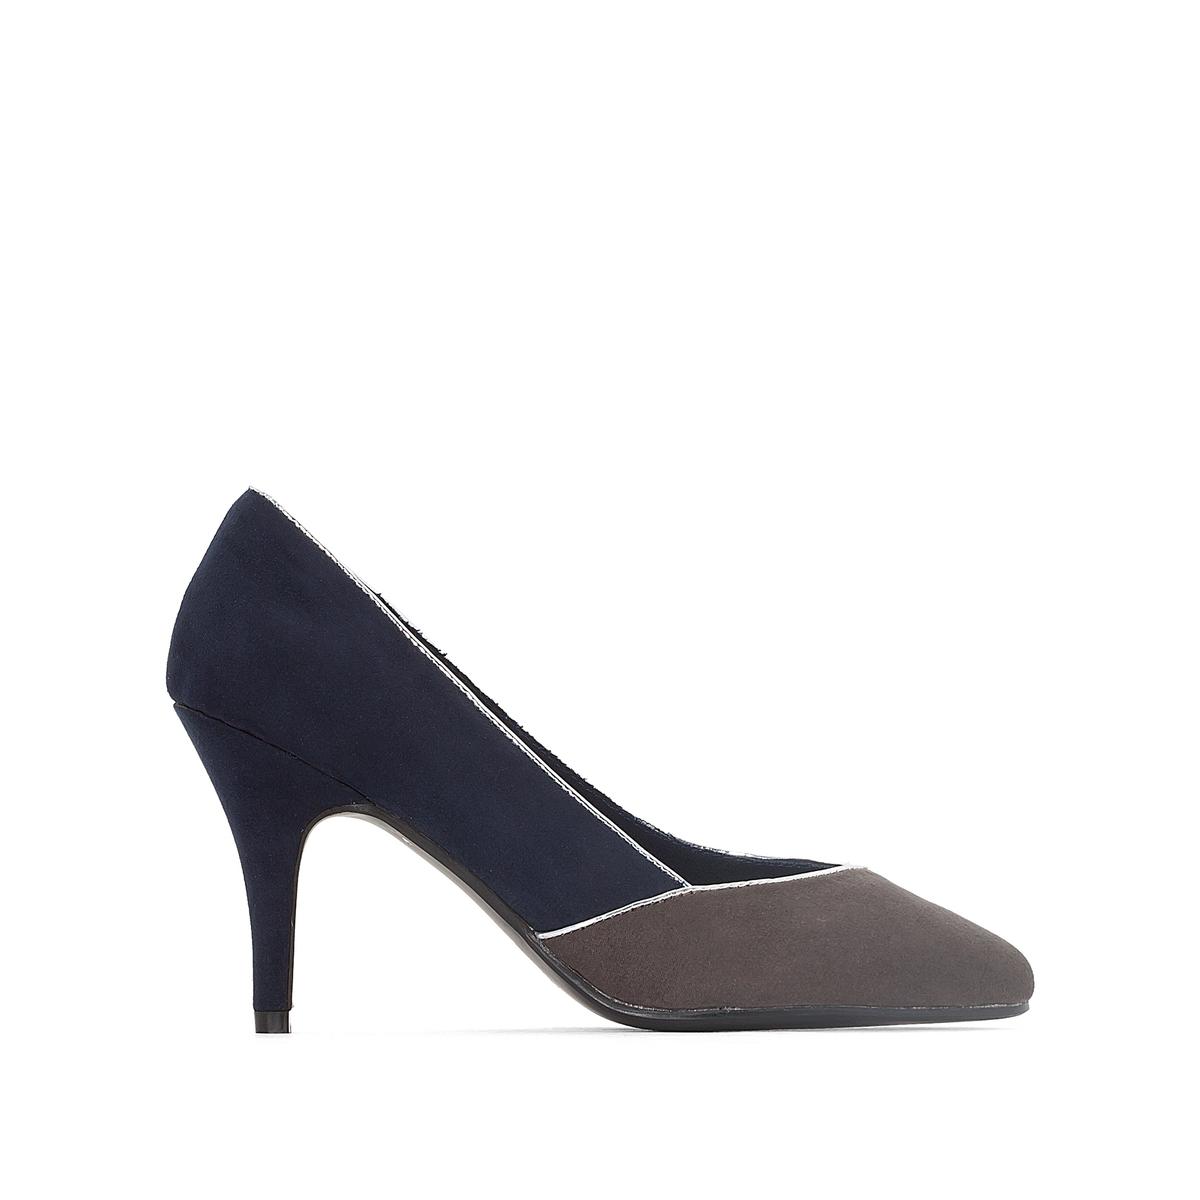 Туфли на каблукеДетали   •  Каблук-шпилька •  Высота каблука : 8,5 см •  Застежка : без застежки •  Заостренный мысок •  Велюровая отделка, нубукСостав и уход   •  Верх 100% синтетический материал •  Подкладка 100% хлопок<br><br>Цвет: темно-синий,черный<br>Размер: 42.43.44.45.42.43